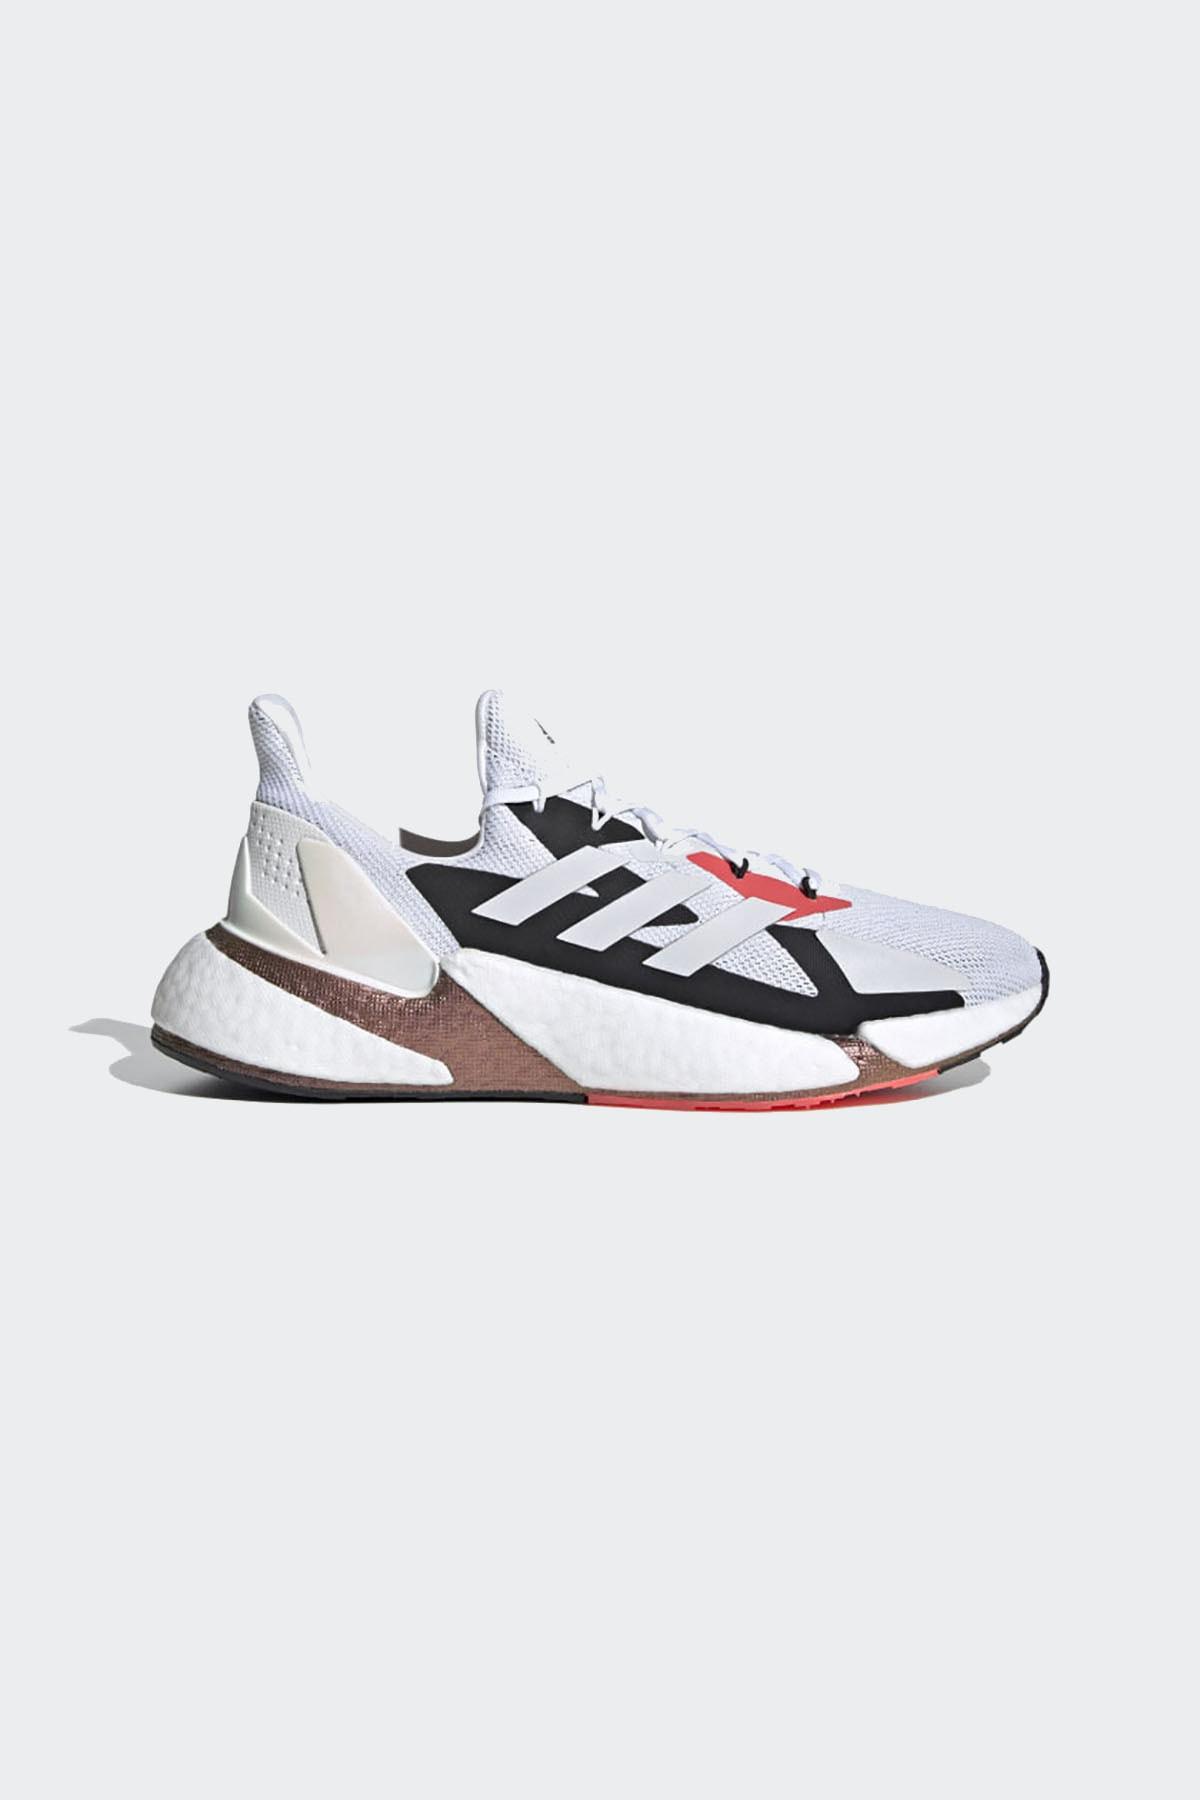 Erkek Koşu - Yürüyüş Ayakkabısı X9000l4 Fw8388